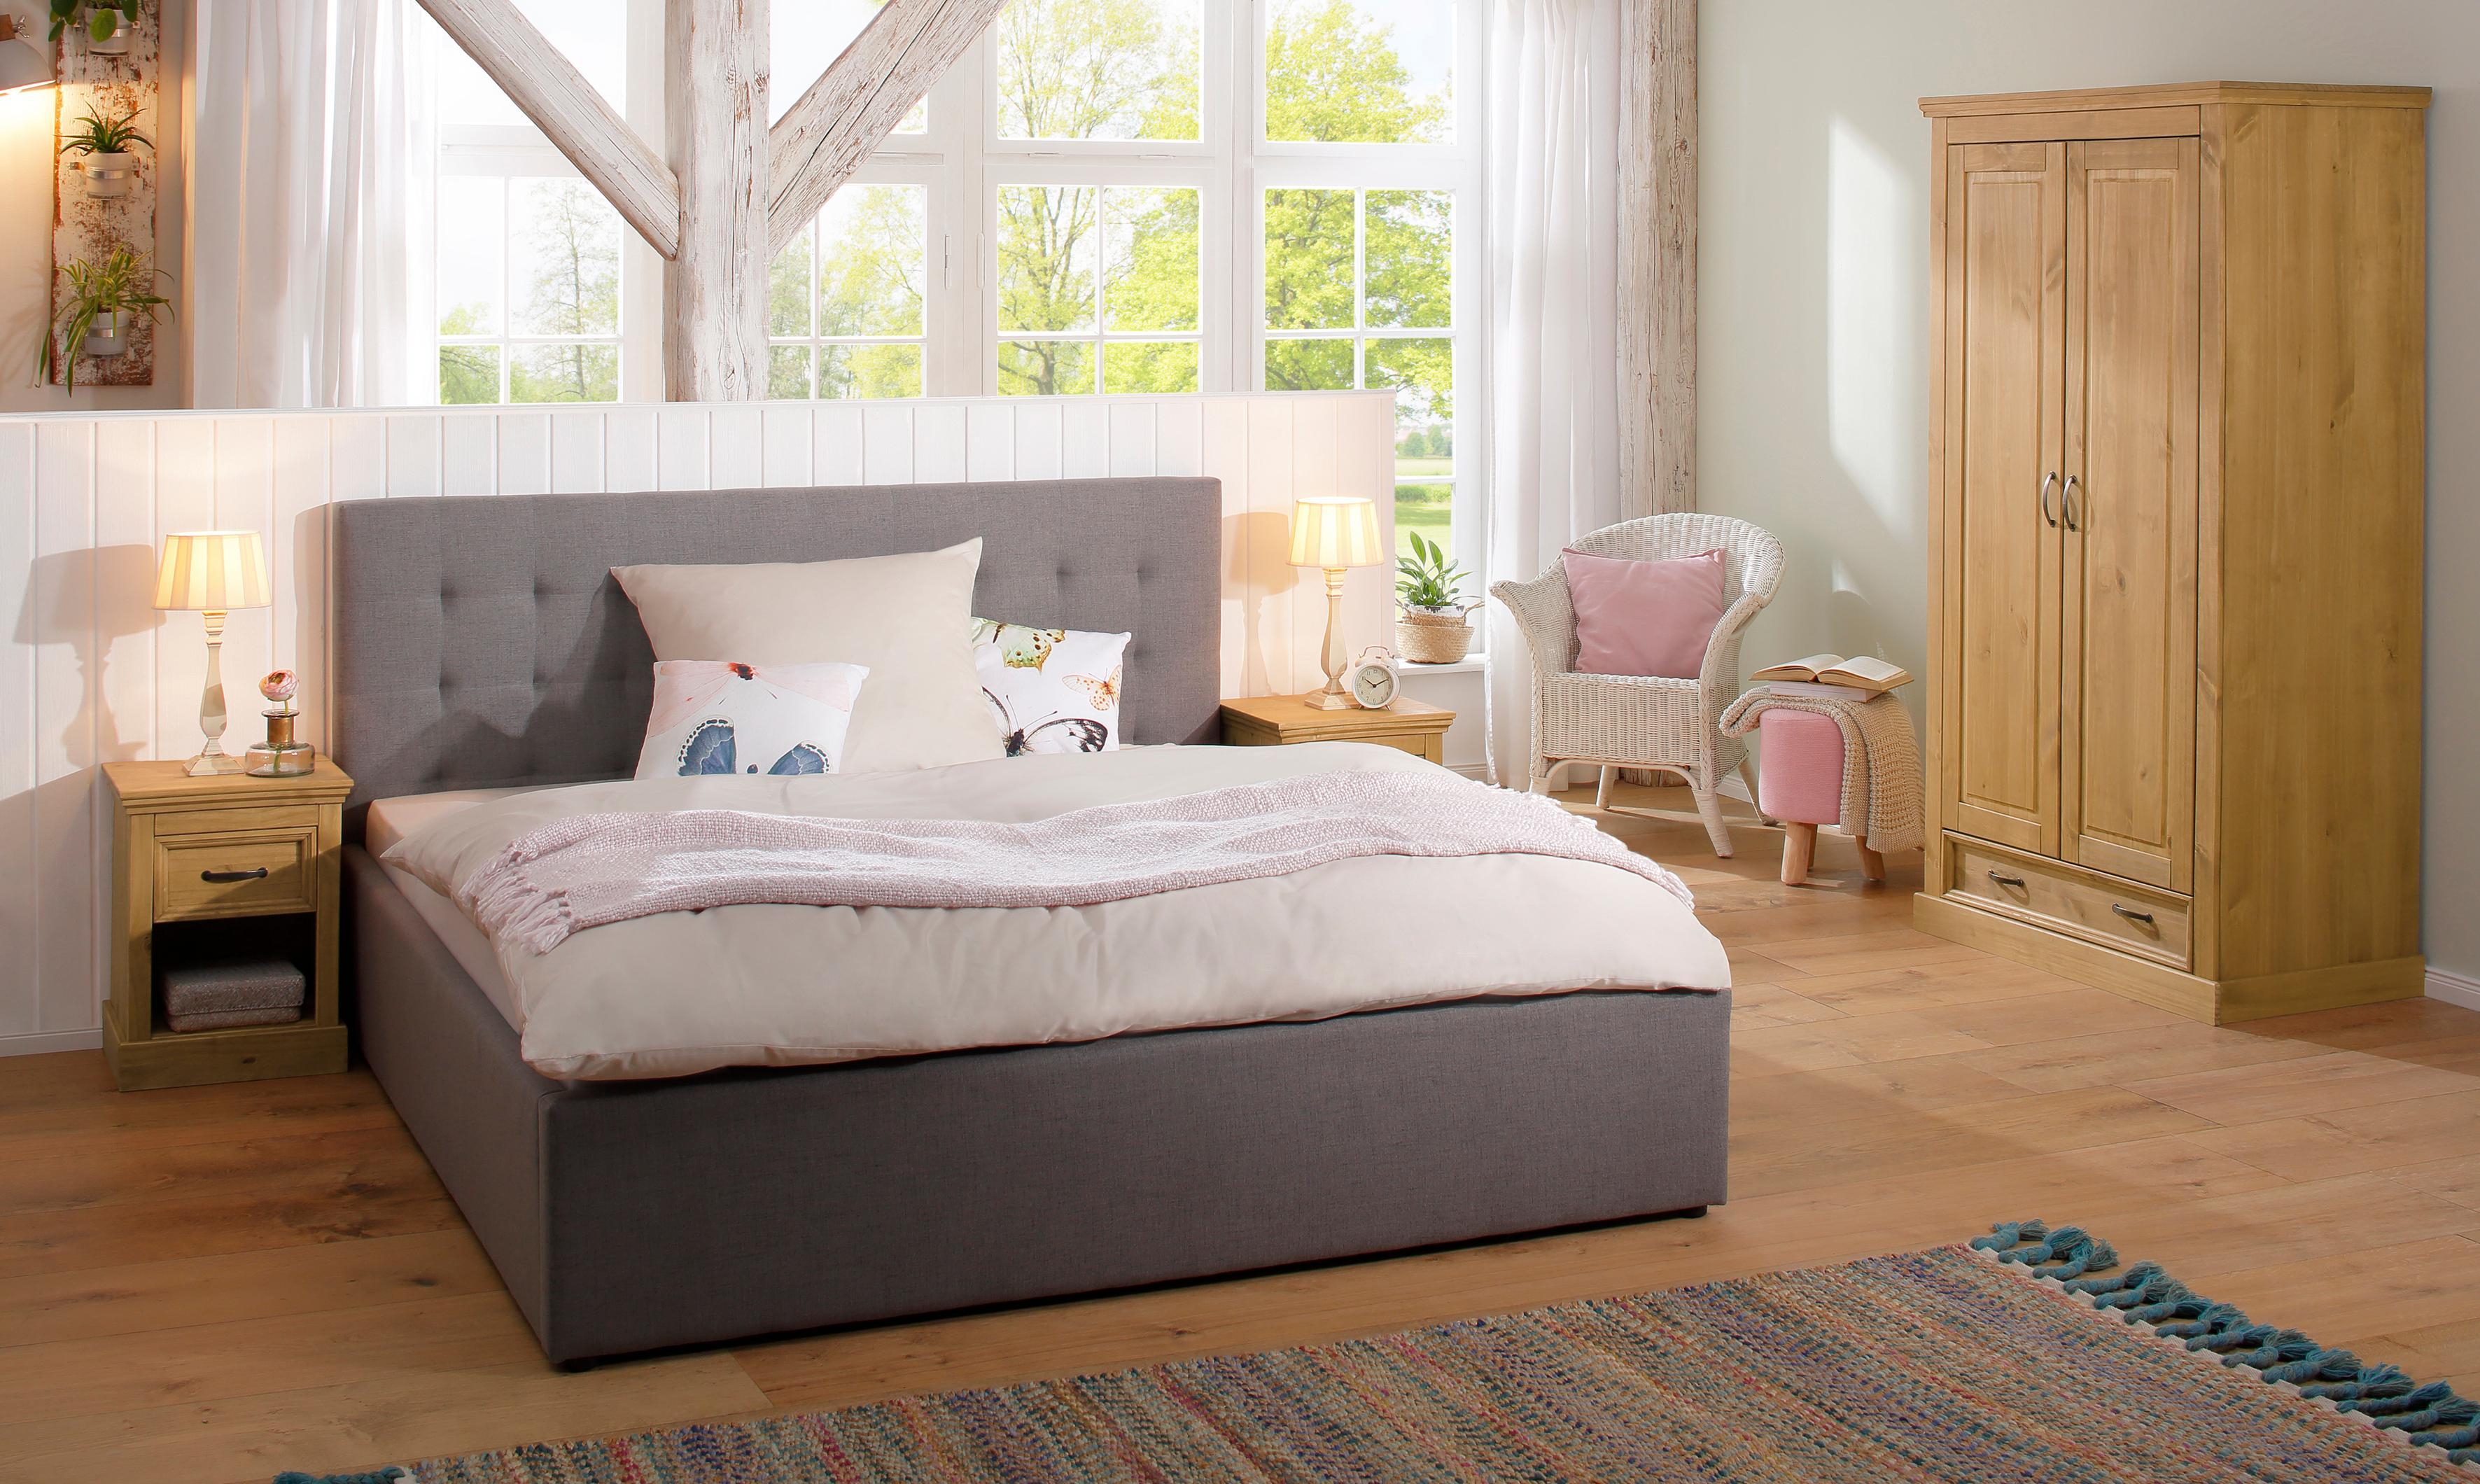 Home Affaire zweitüriger Kleiderschrank »Selma« für das Schlafzimmer ...